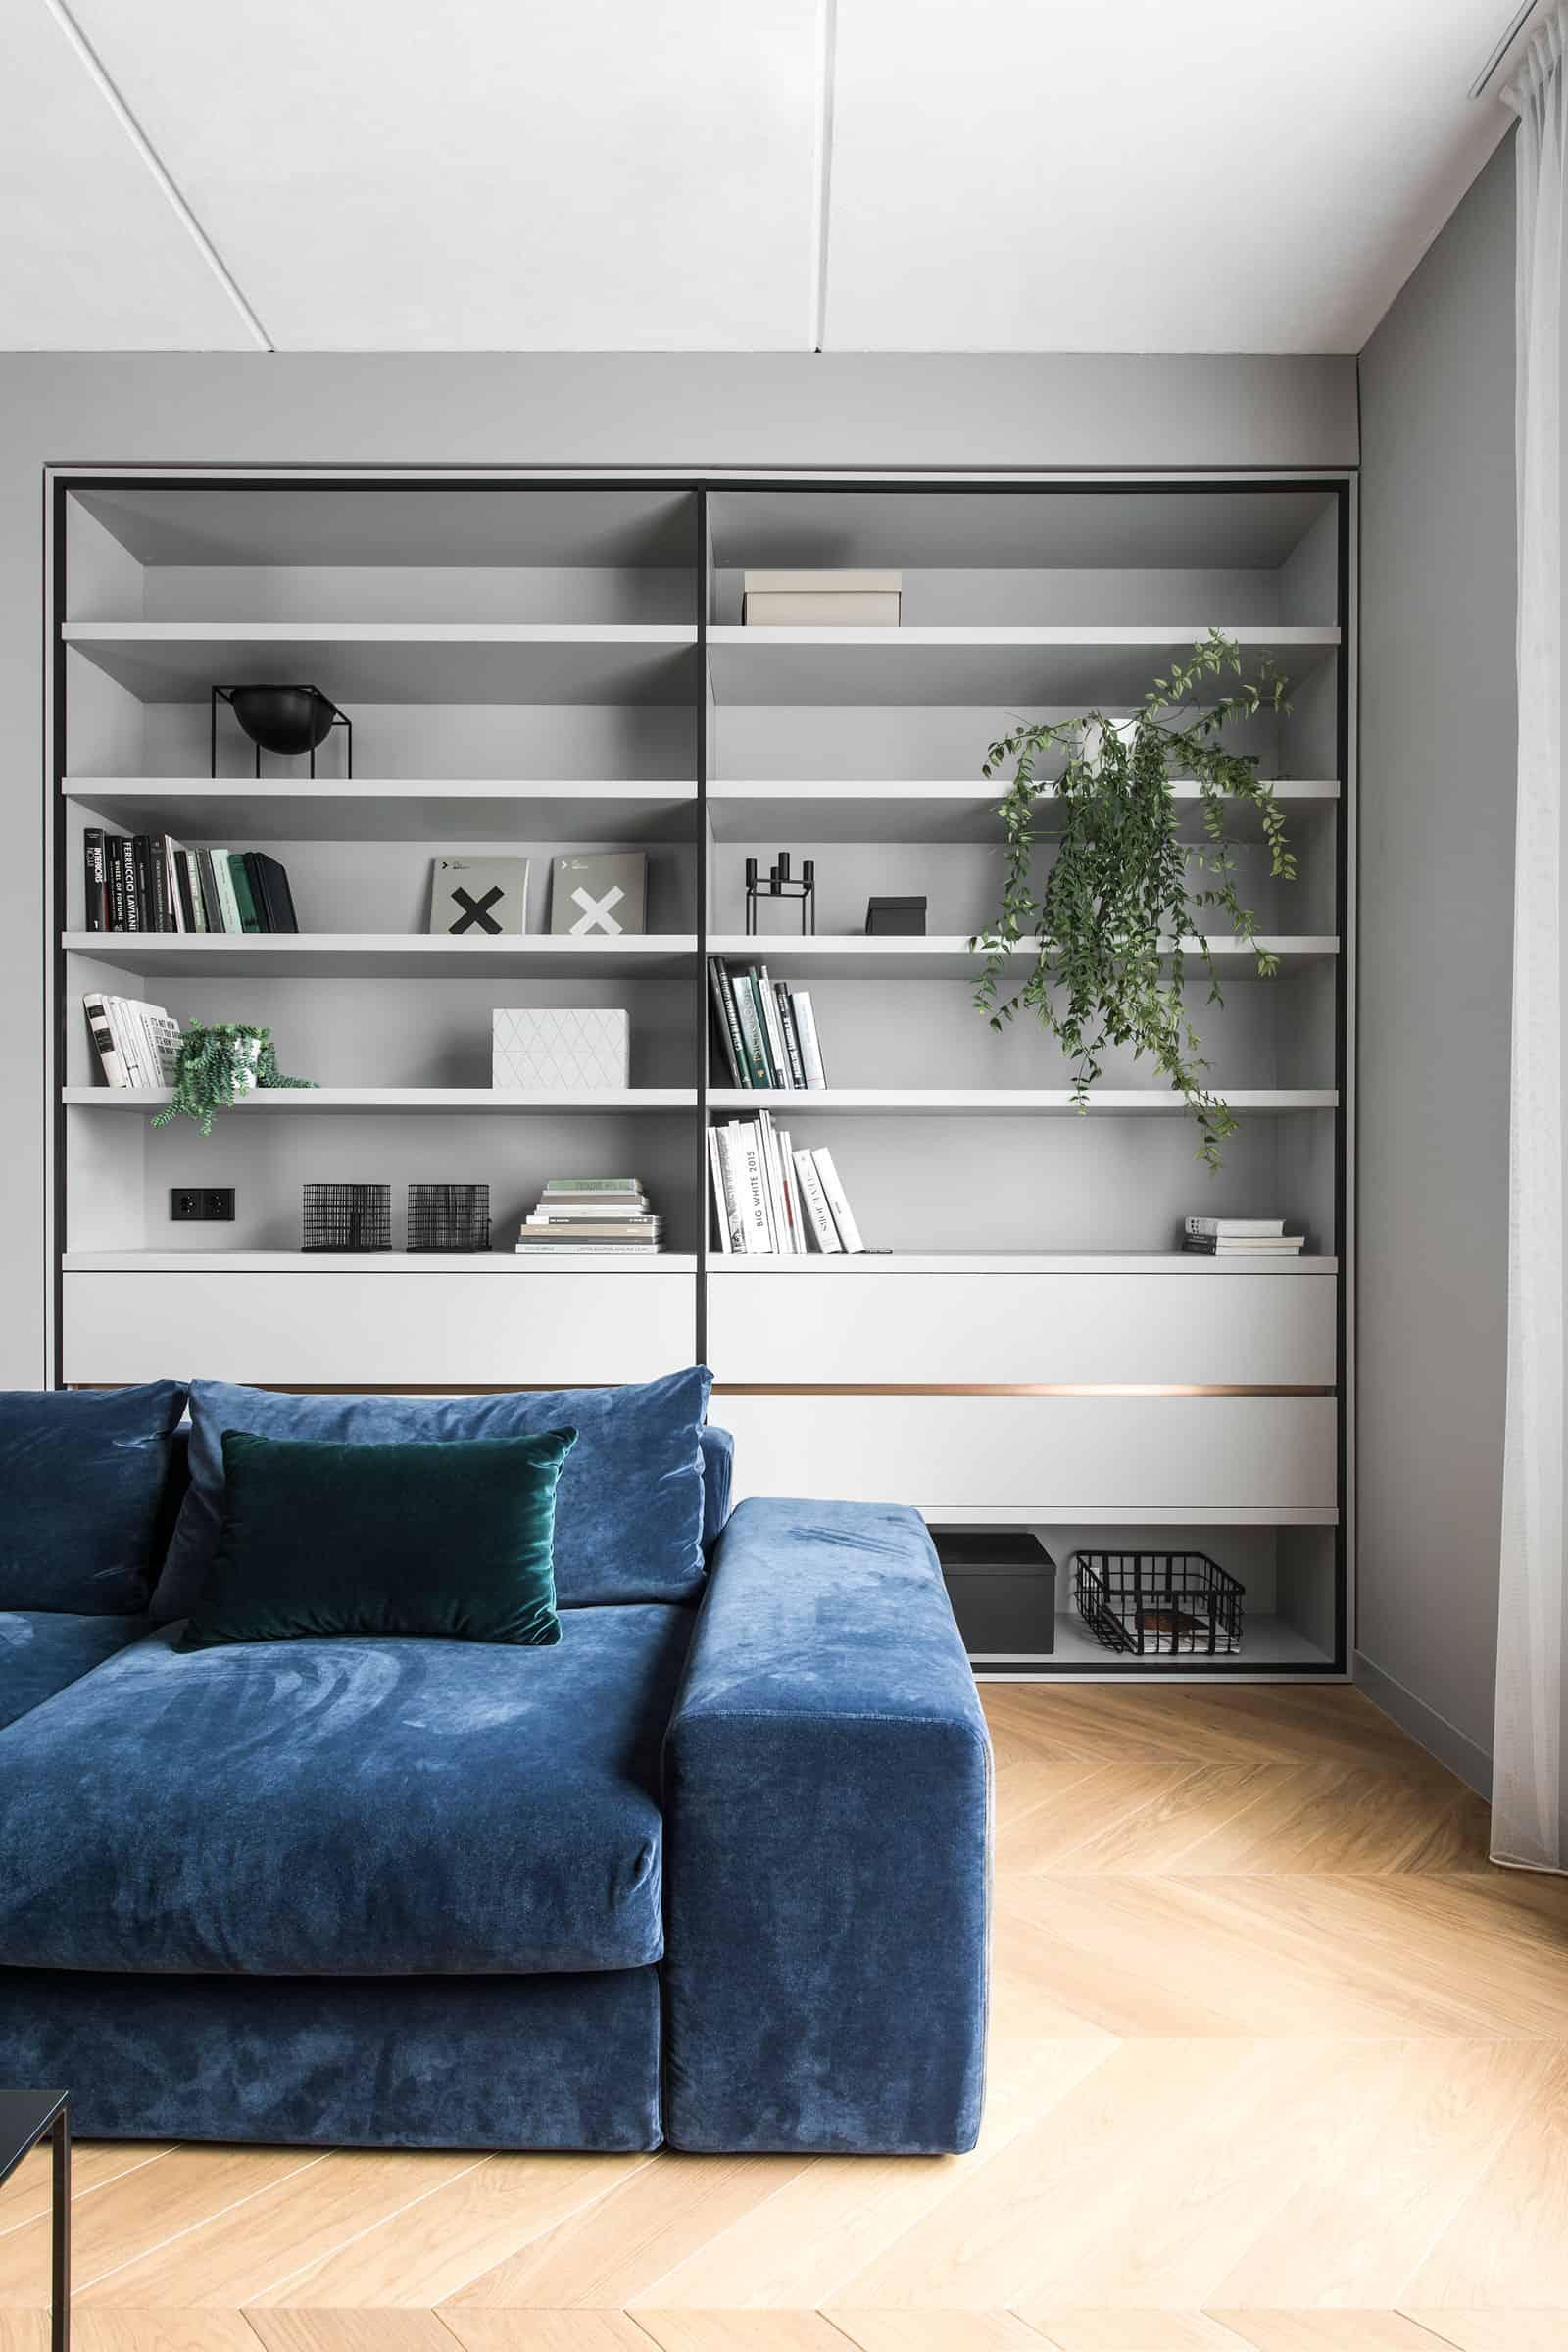 Apartment-interior-in-Basanavicius-street-01